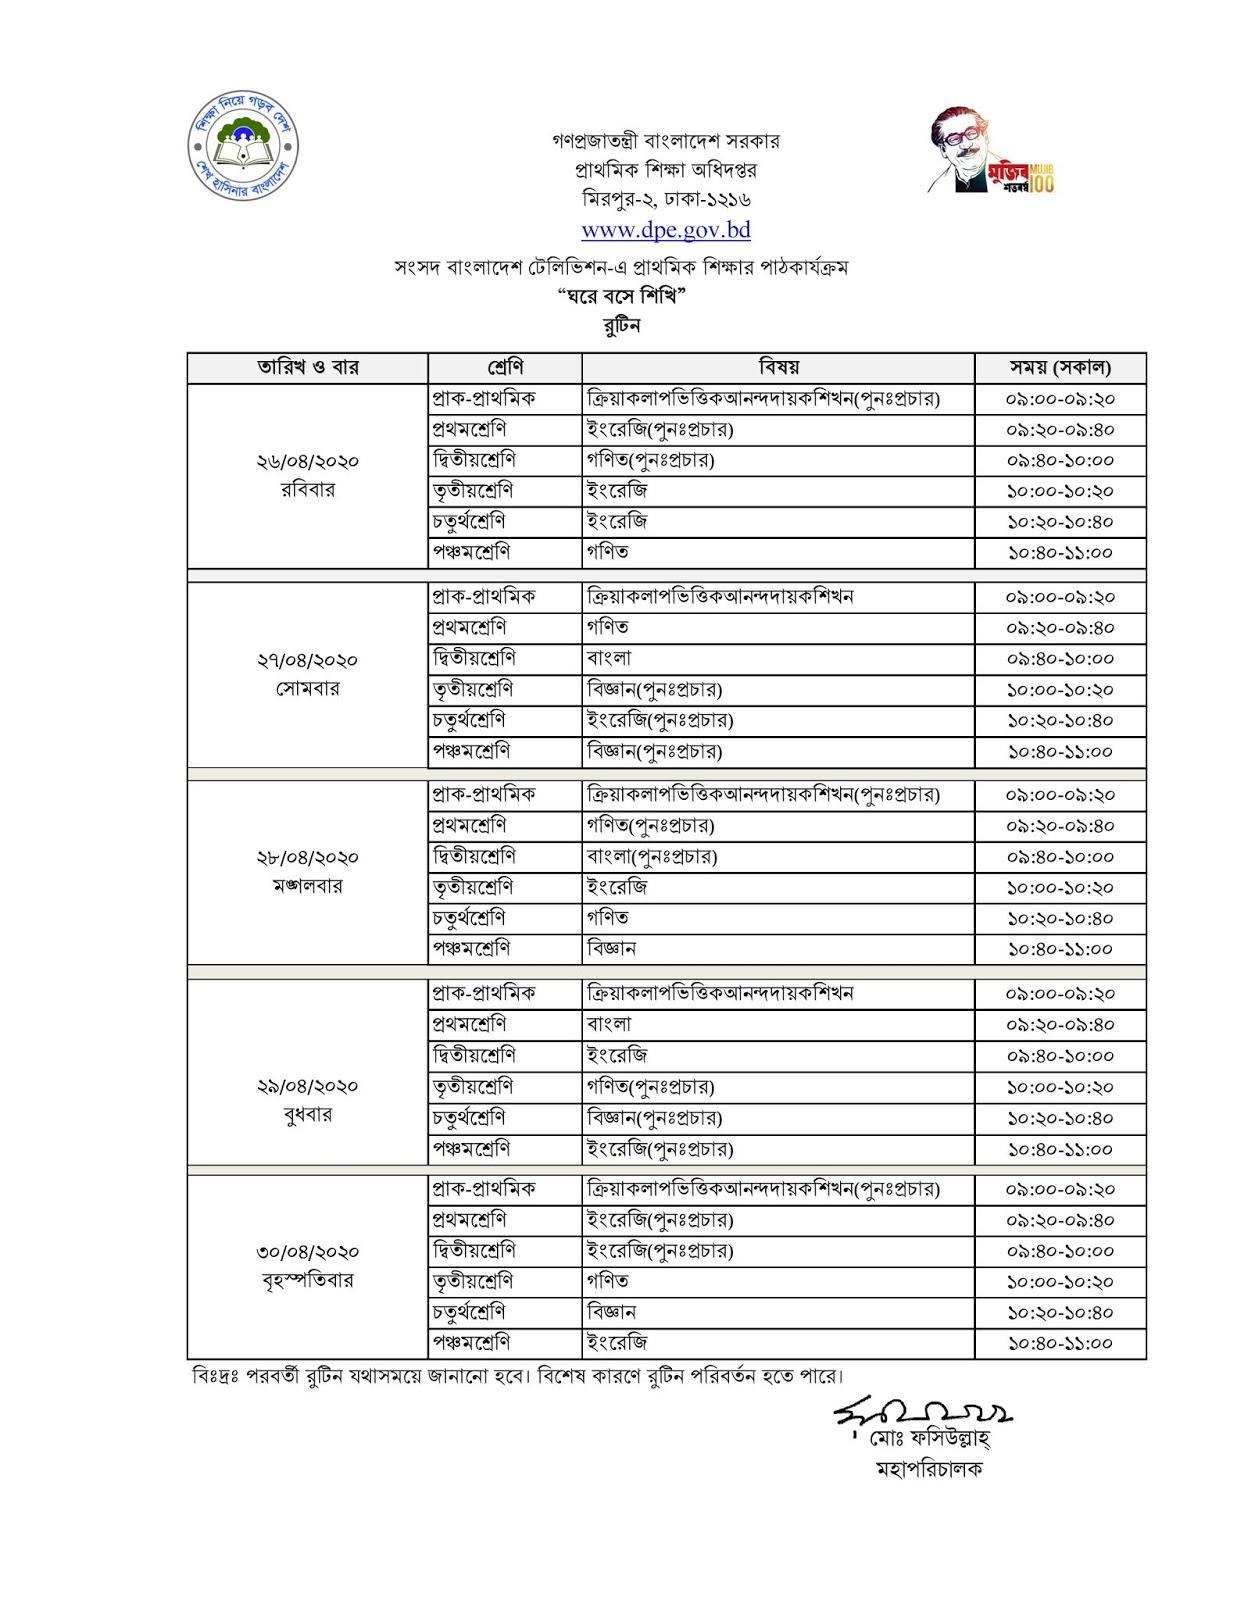 সংসদ টিভির প্রাথমিক ক্লাসের রুটিন ২০২০ pdf | ঘরে বসে শিখি প্রাথমিক রুটিন ২০২০ |অনলাইন ক্লাসের প্রাথমিক রুটিন ২০২০